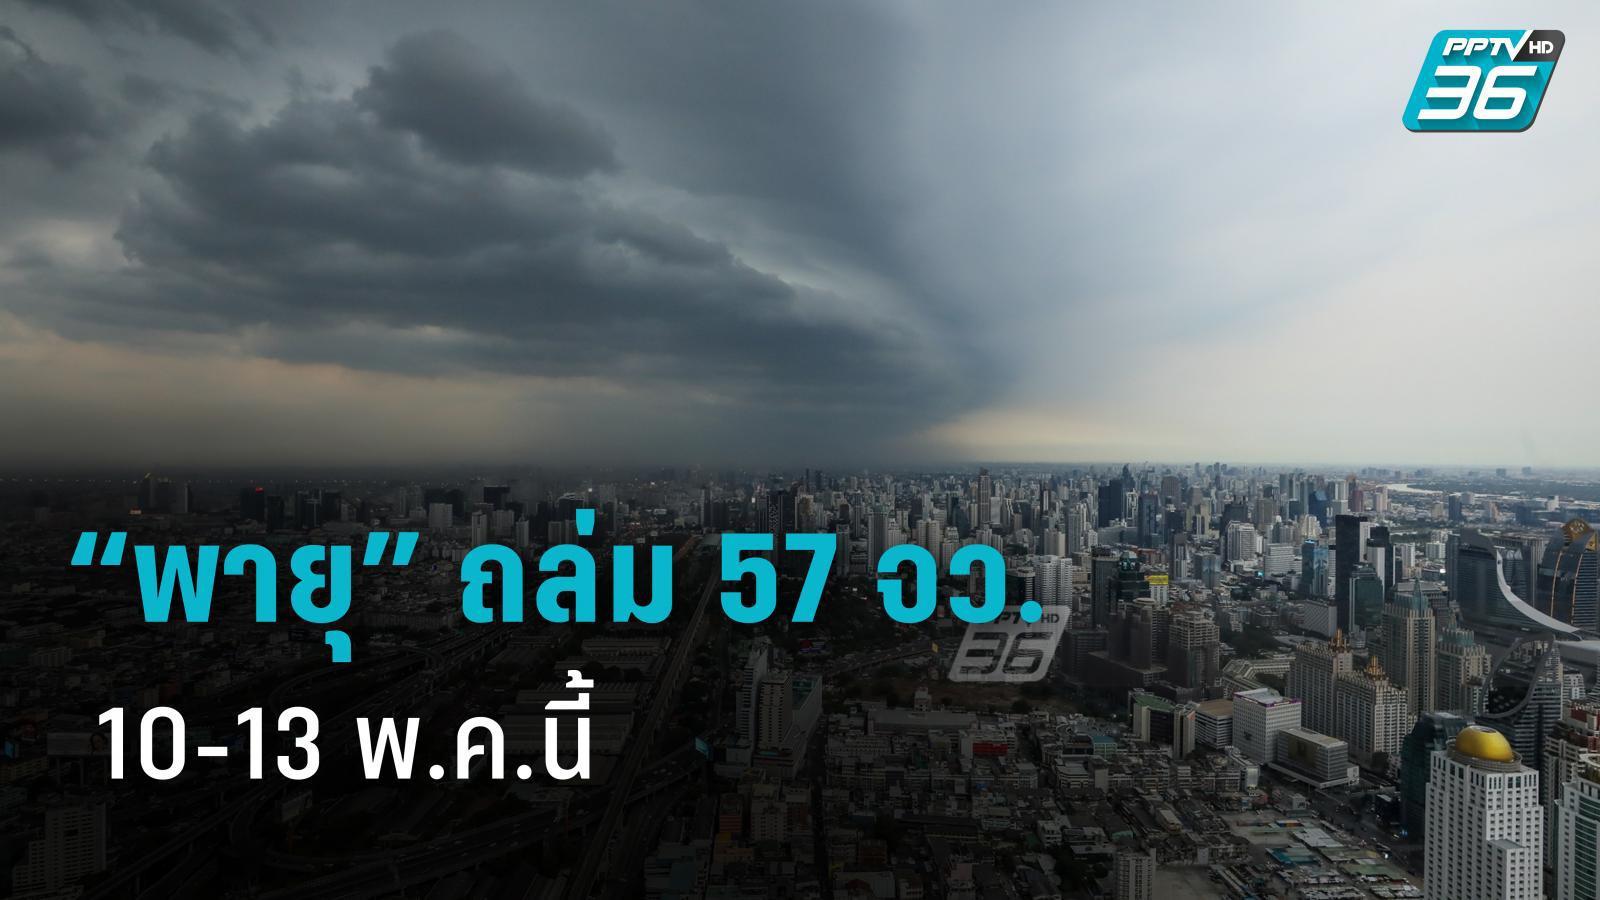 """อุตุฯ เตือน 57 จังหวัด""""พายุฤดูร้อน"""" ถล่ม 10-13 พ.ค. นี้"""